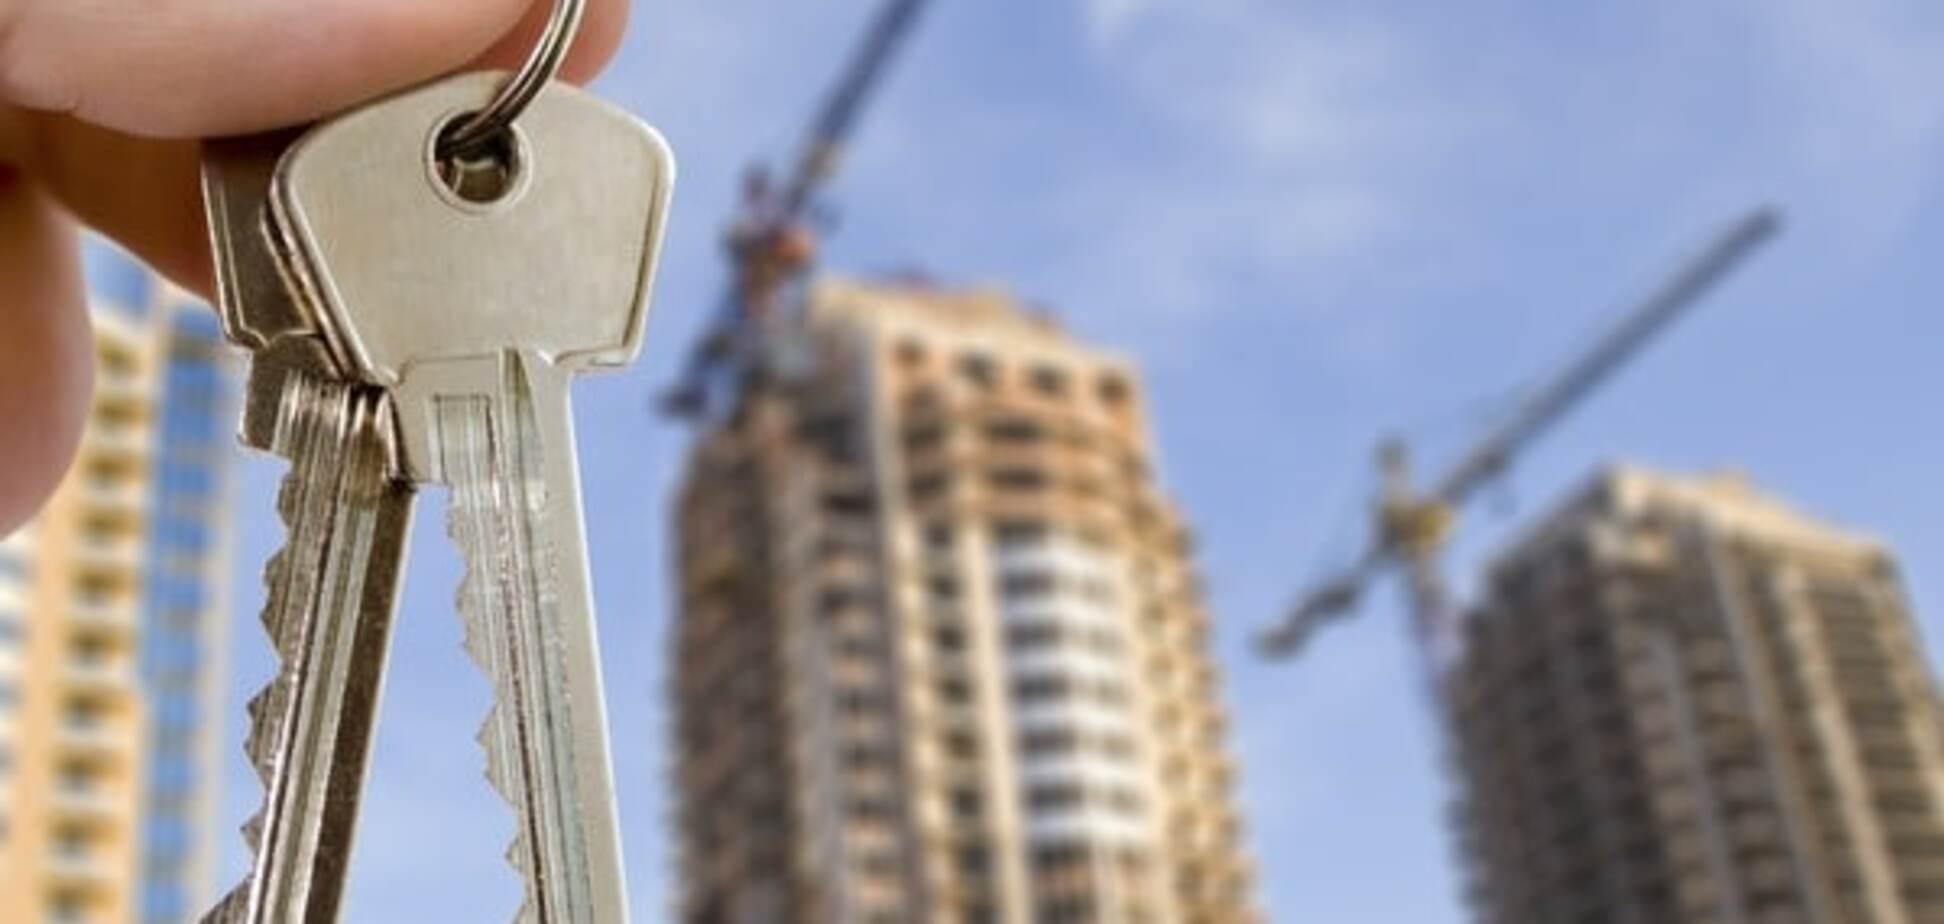 Борщагівка або Вишгород: де вигідніше купувати квартиру